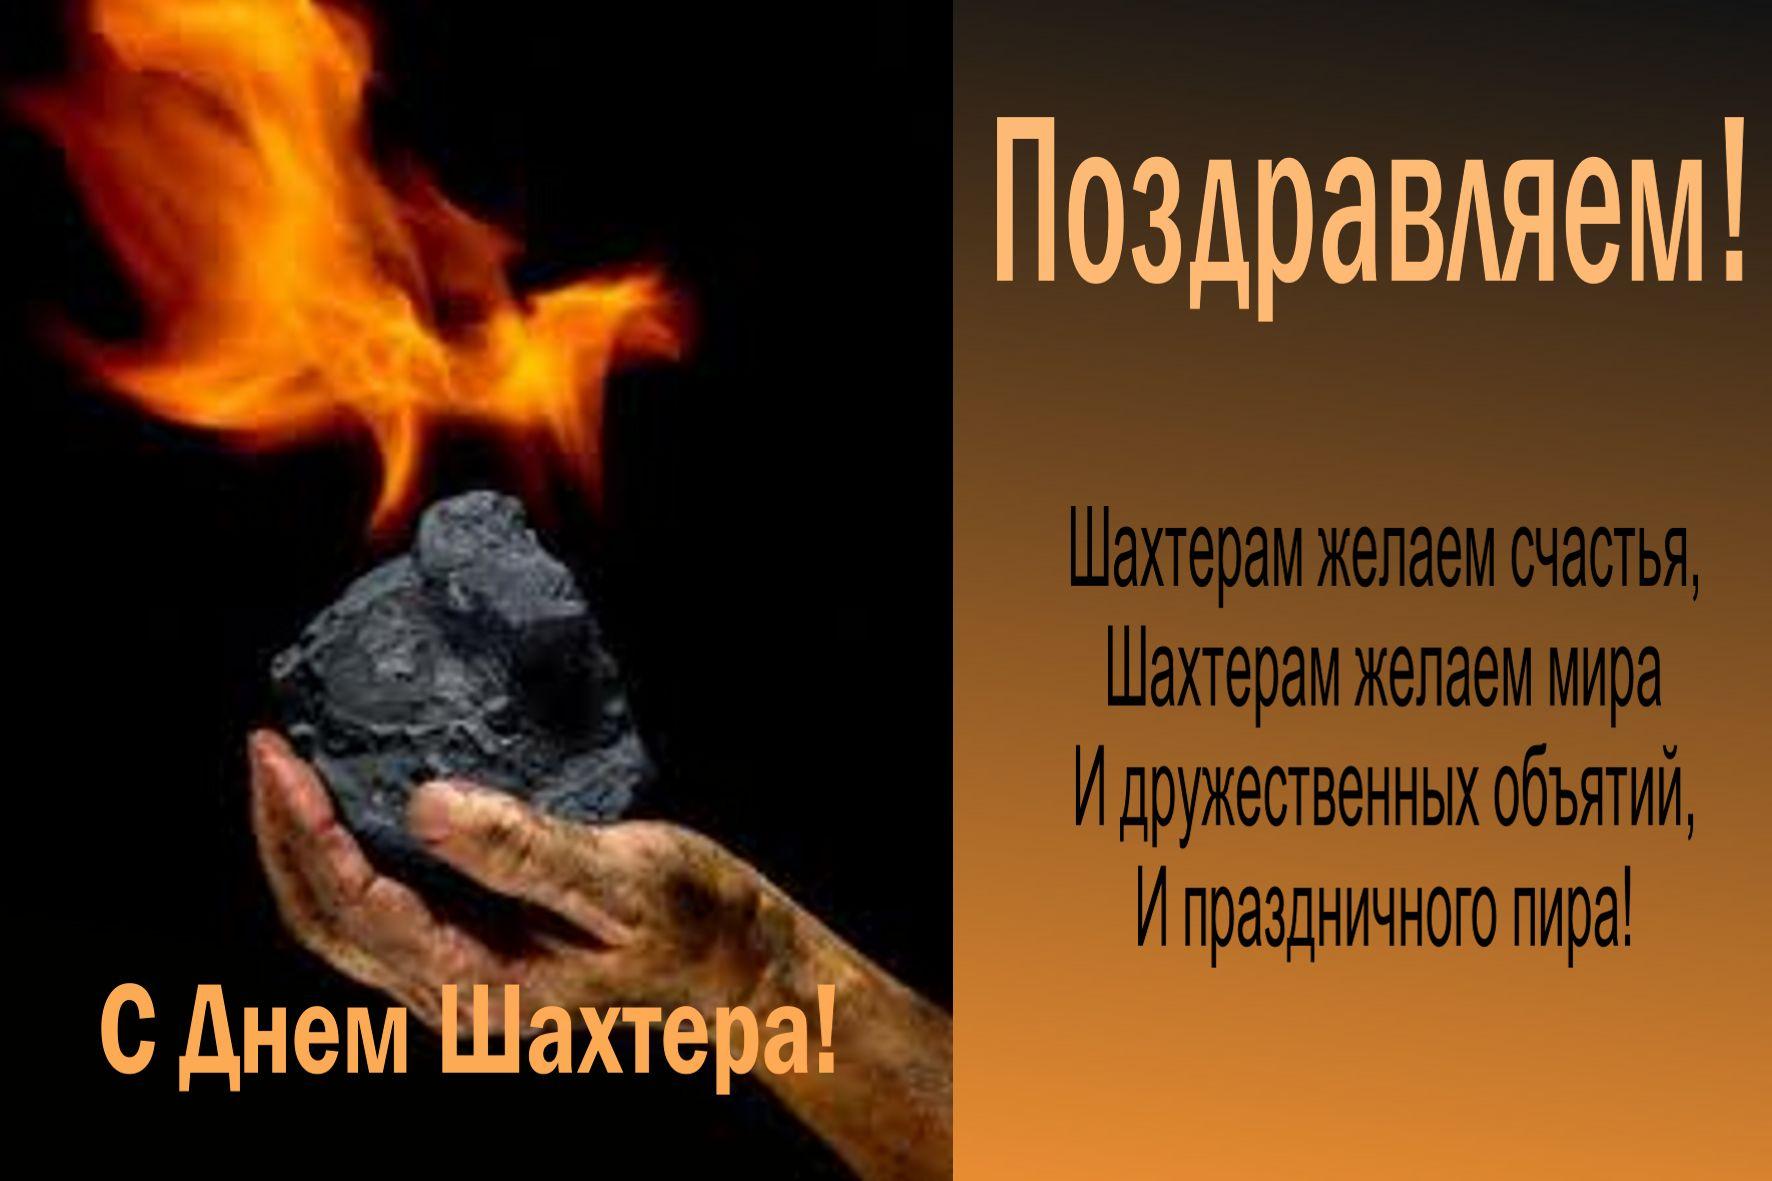 Поздравления для дня шахтера